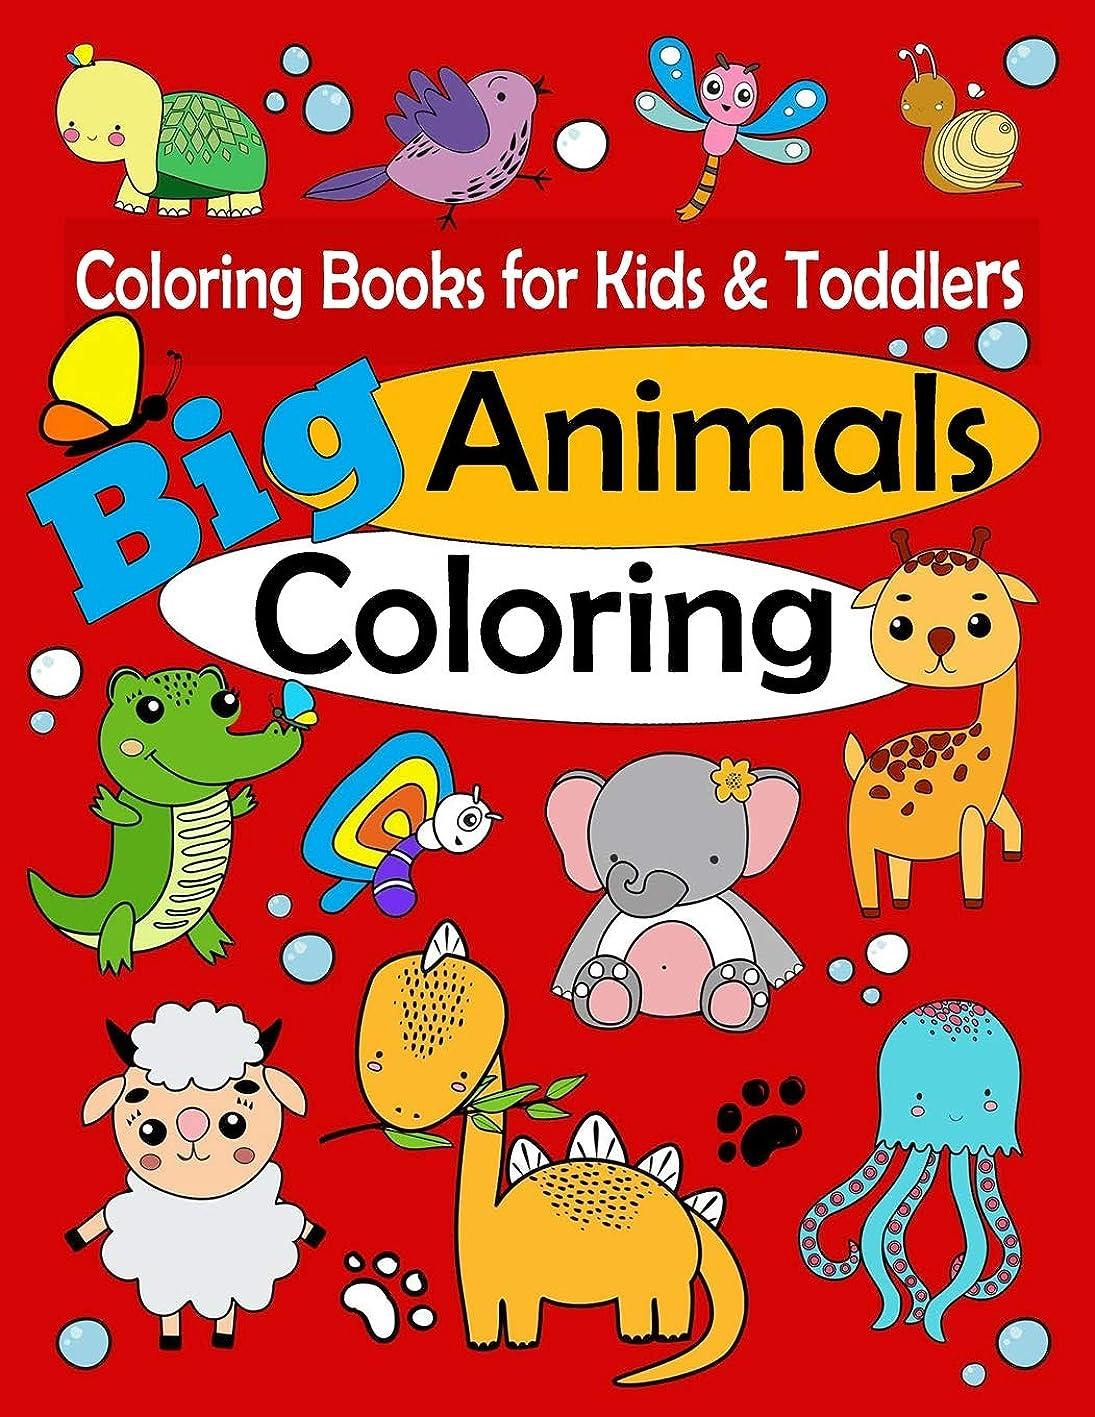 切り離す高揚したを除くColoring Books for Kids & Toddlers: Big Animals Coloring: Children Activity Books for Kids Ages 1-3, 2-4, 4-8, Boys, Girls, Fun Early Learning, Relaxation for ... Workbooks, Toddler Coloring Book